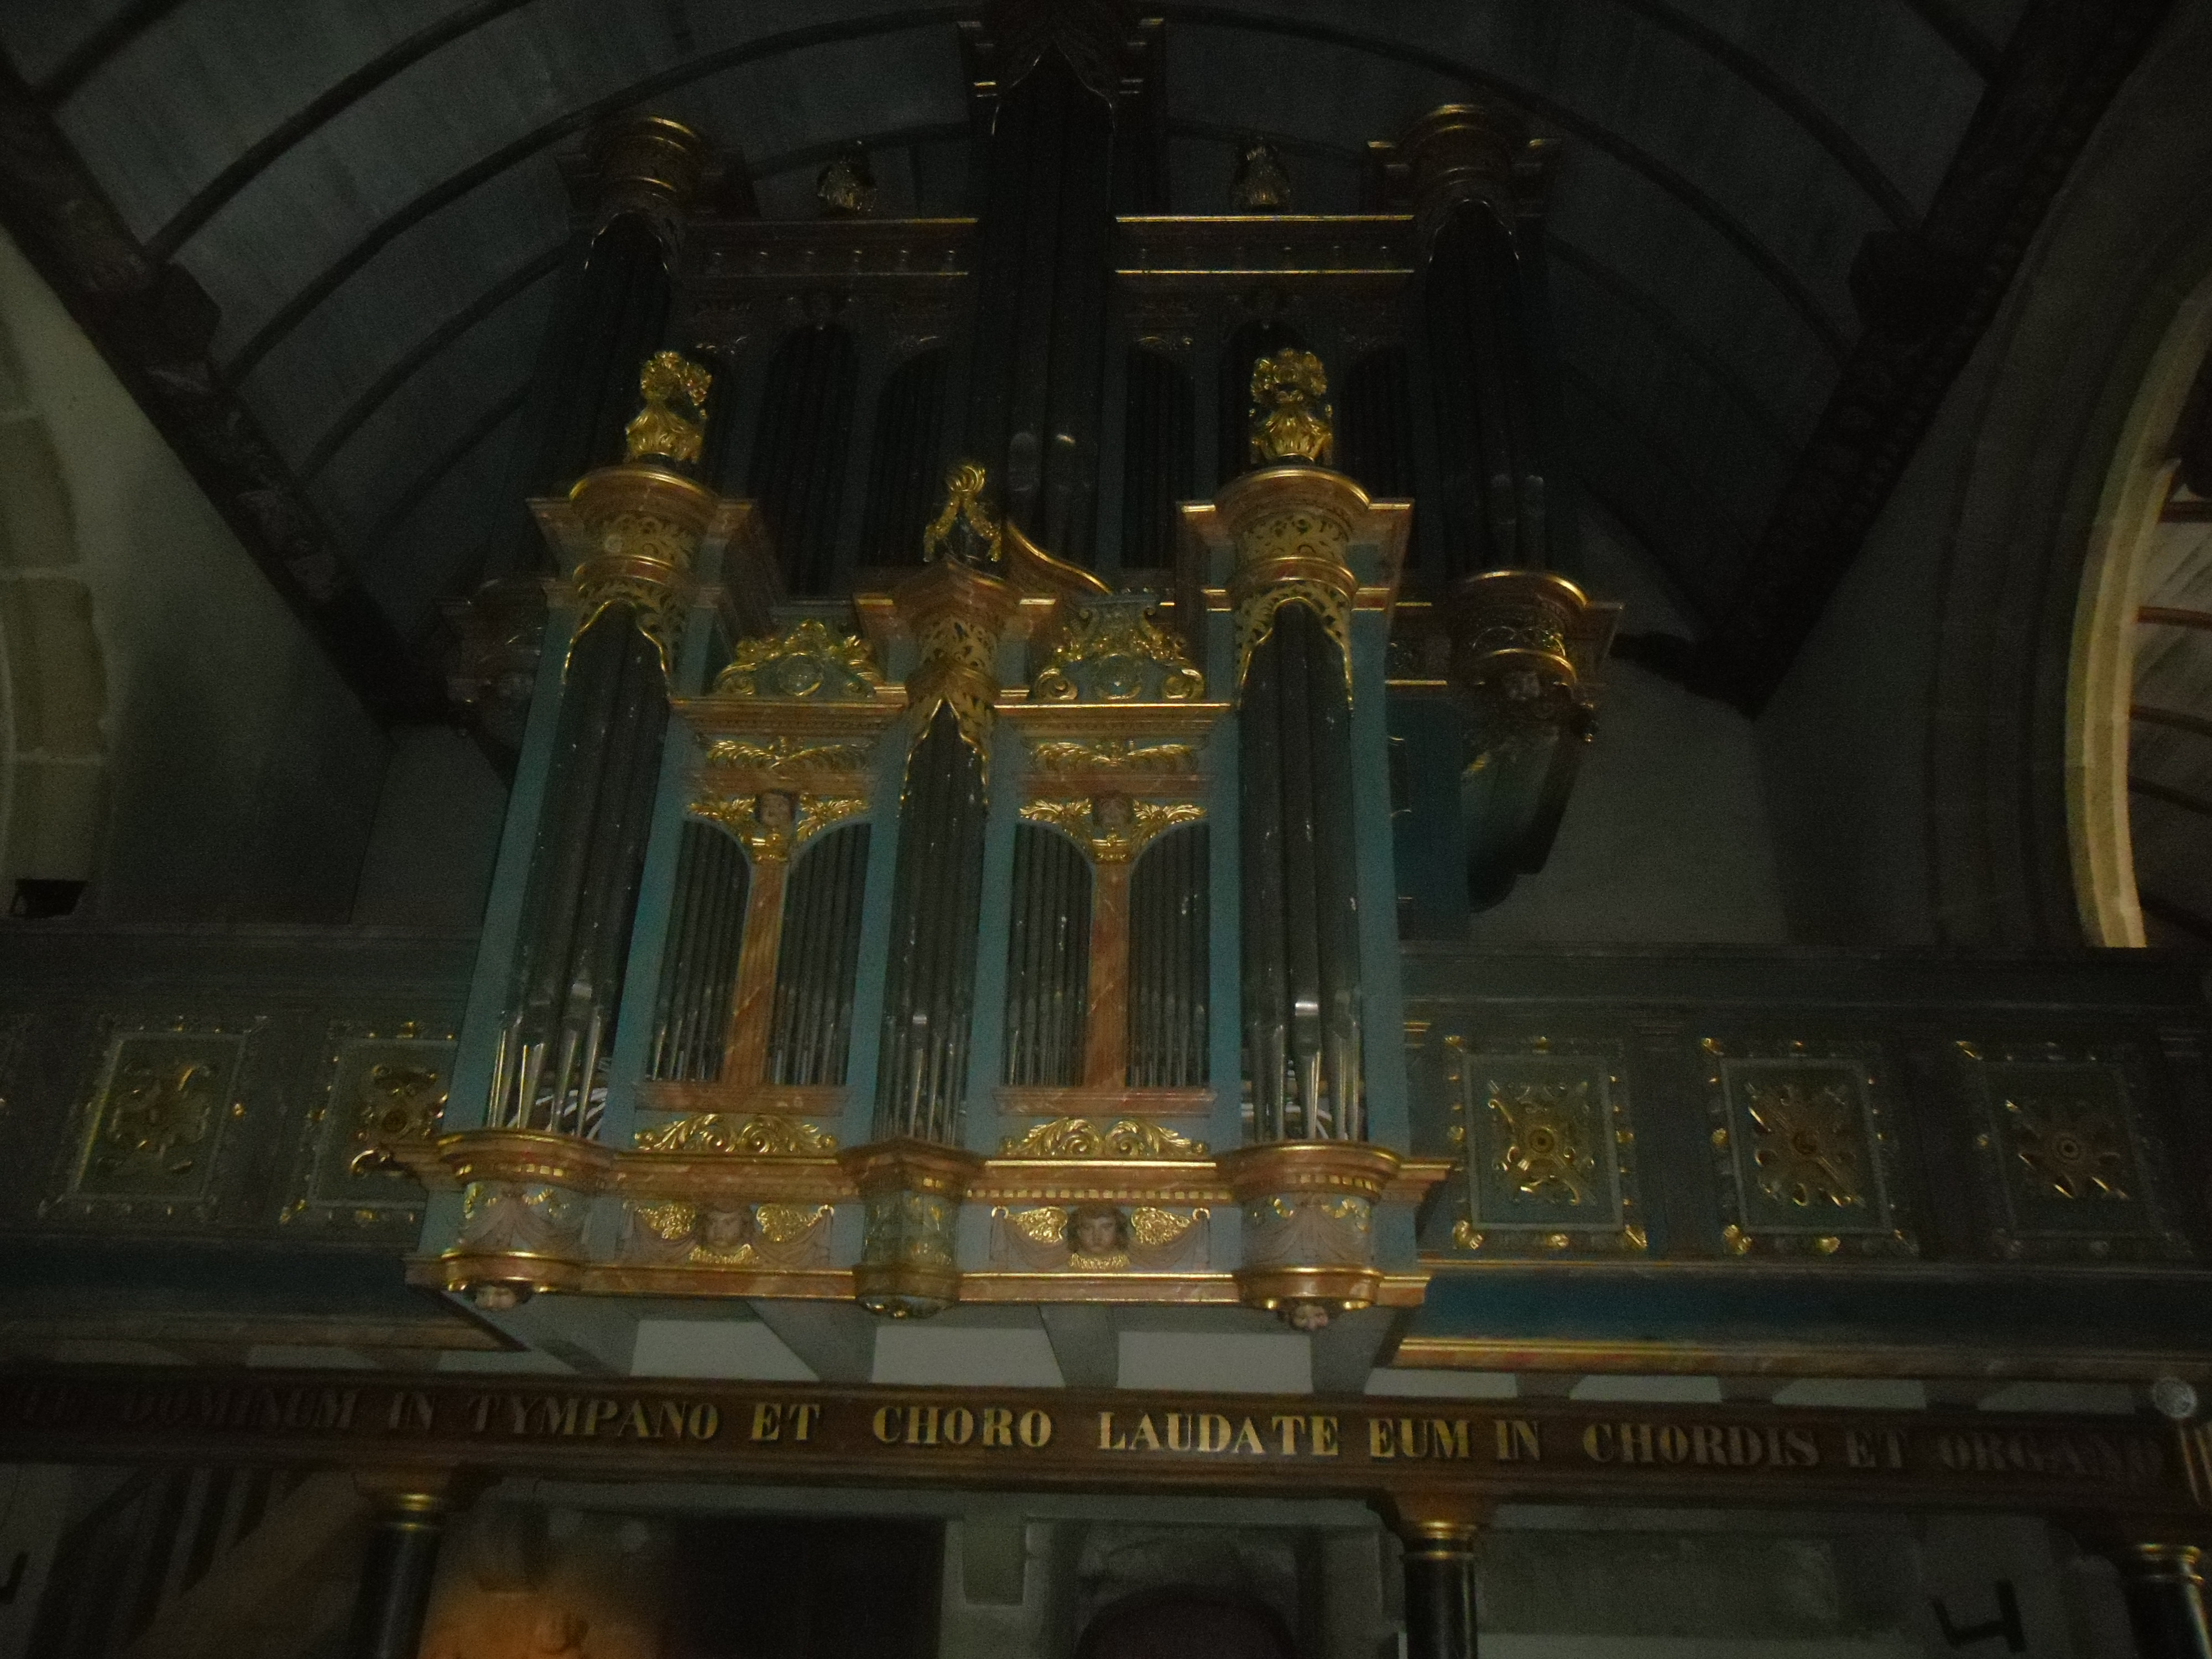 pleyben ch St Germain organ mar14